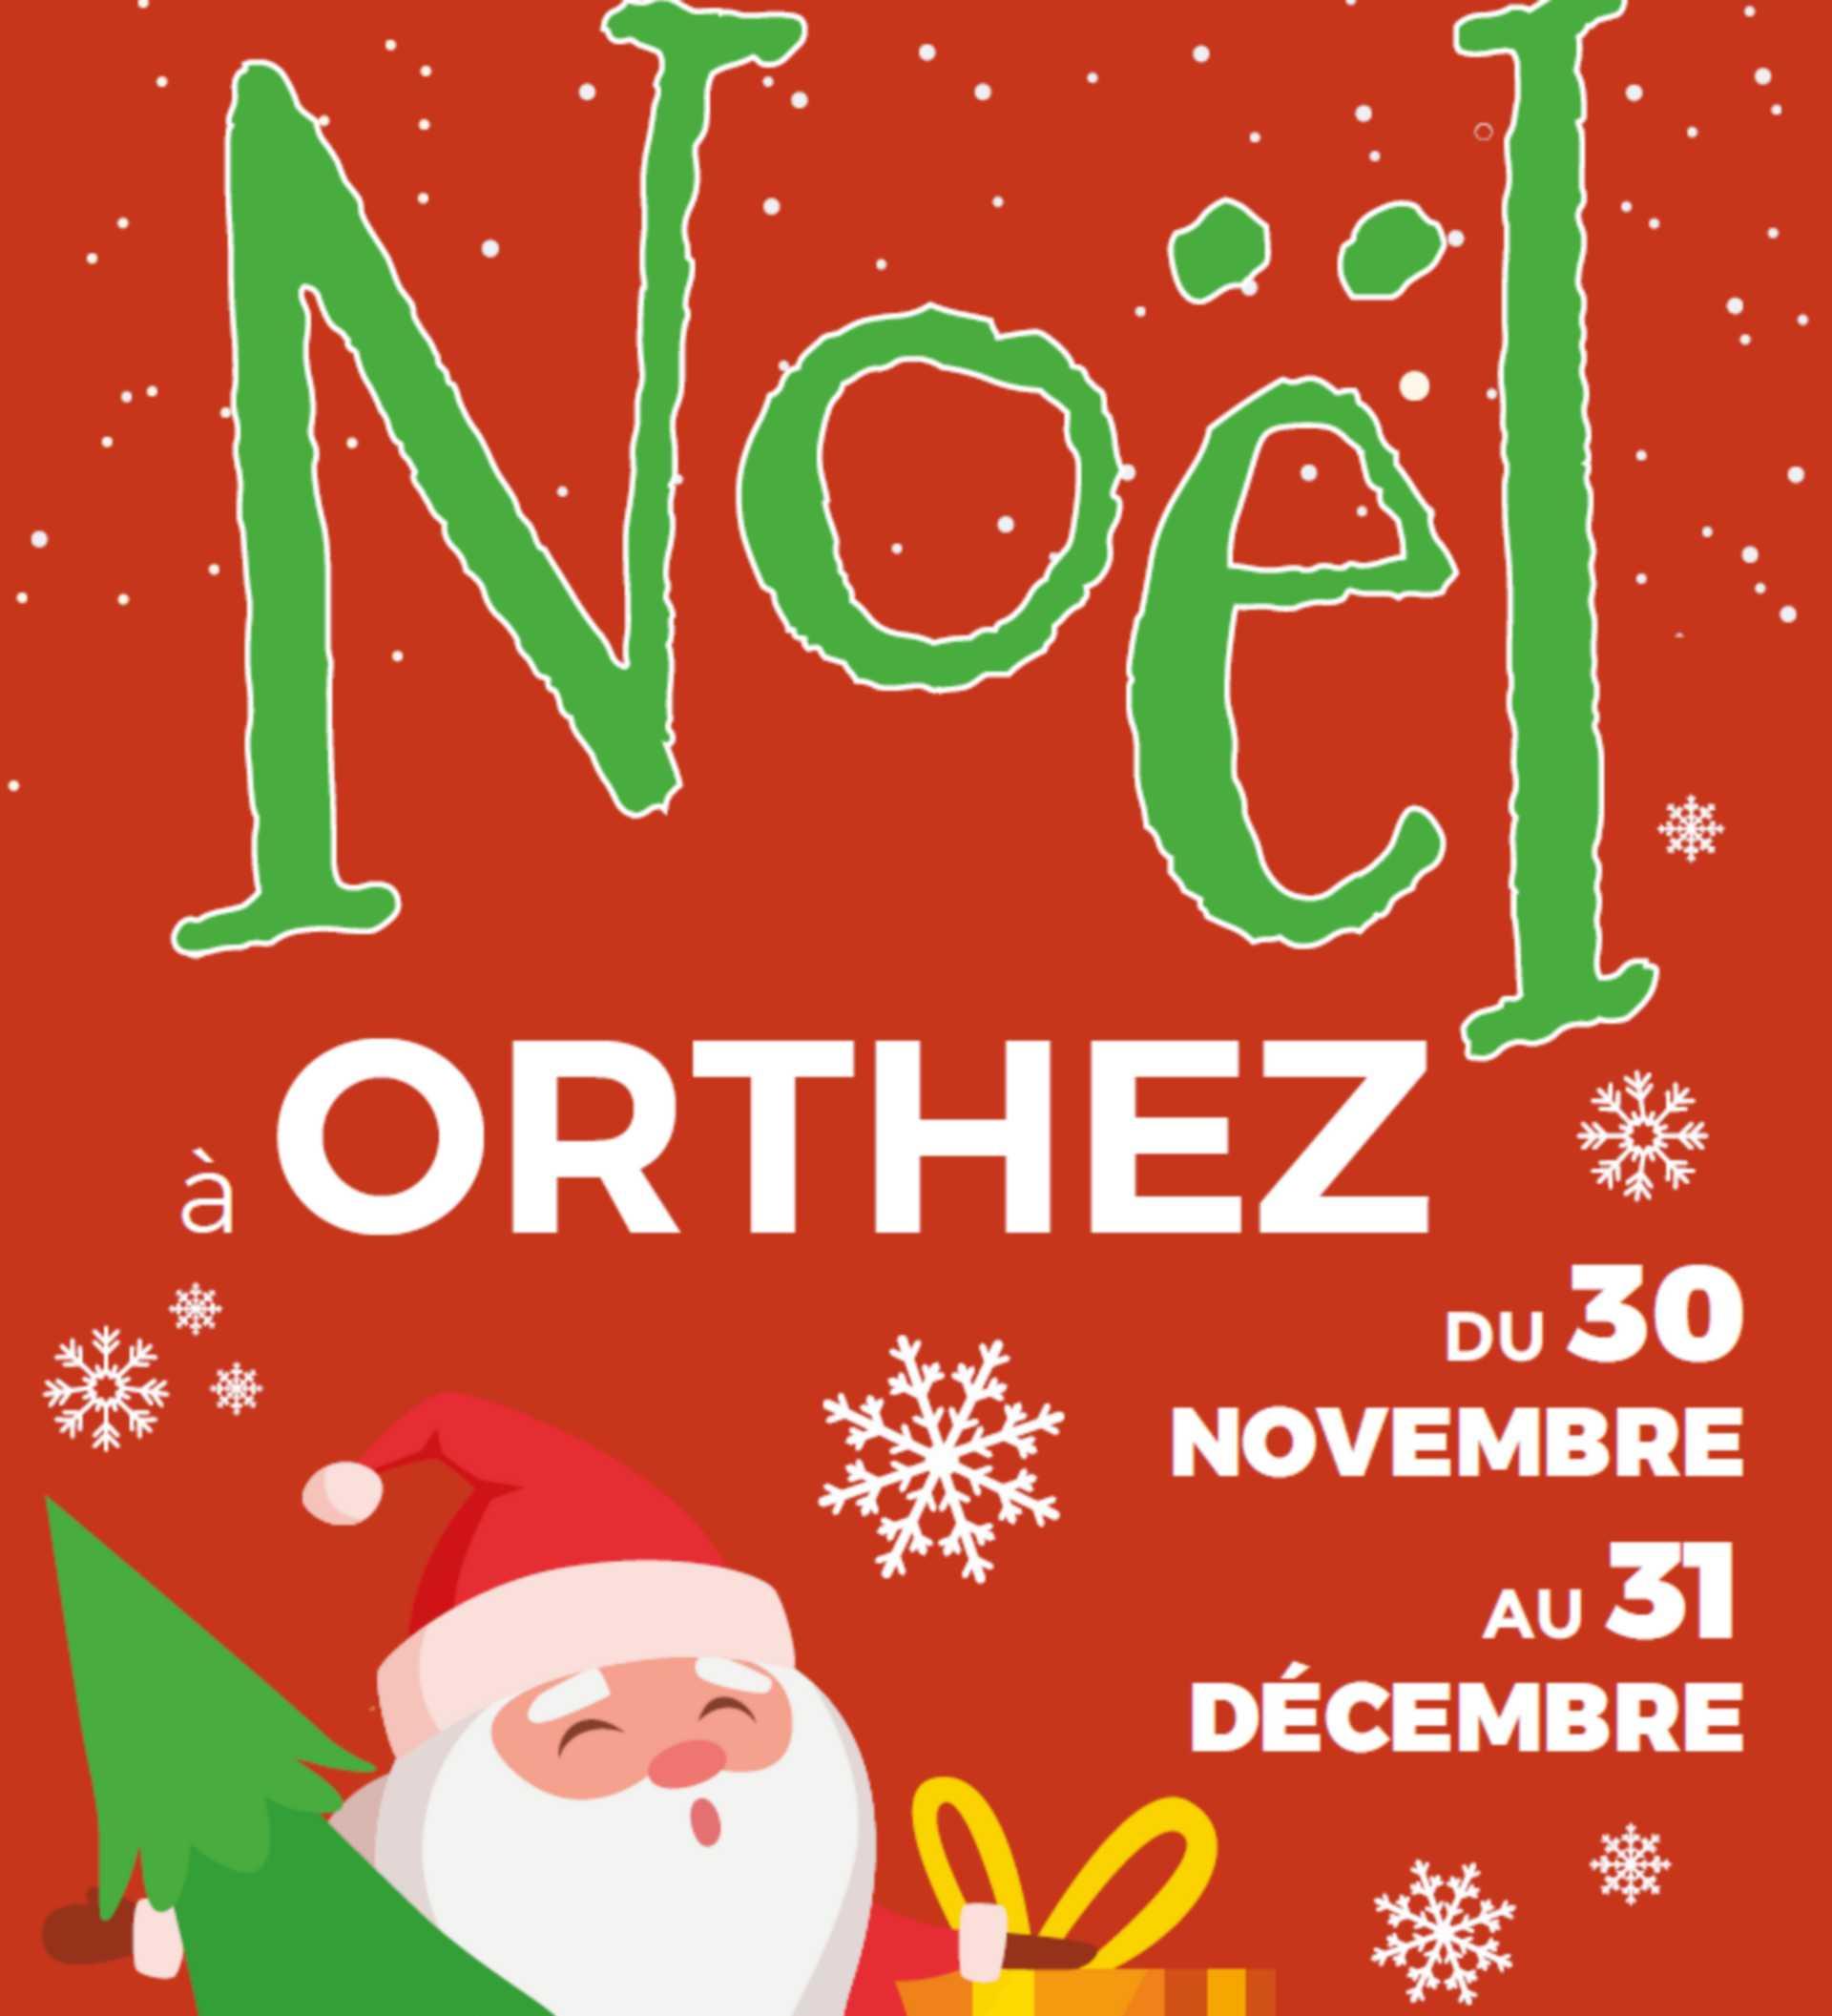 La Grande Parade de Noël - ORTHEZ